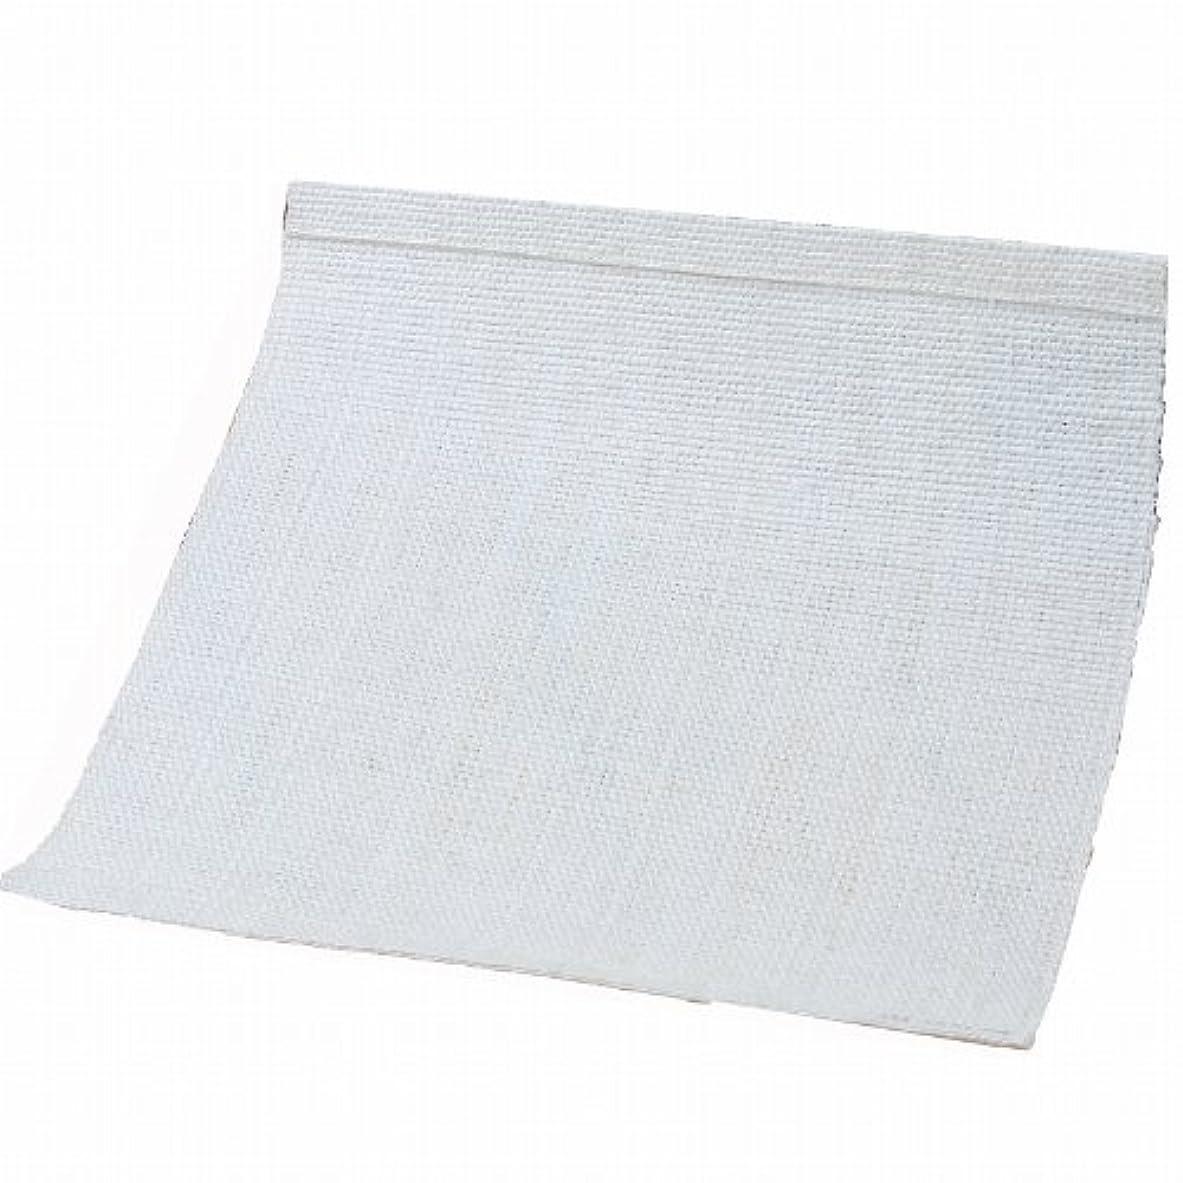 ●キビソ肌友だち 入浴用ハンドタオル SSサイズ (soft)